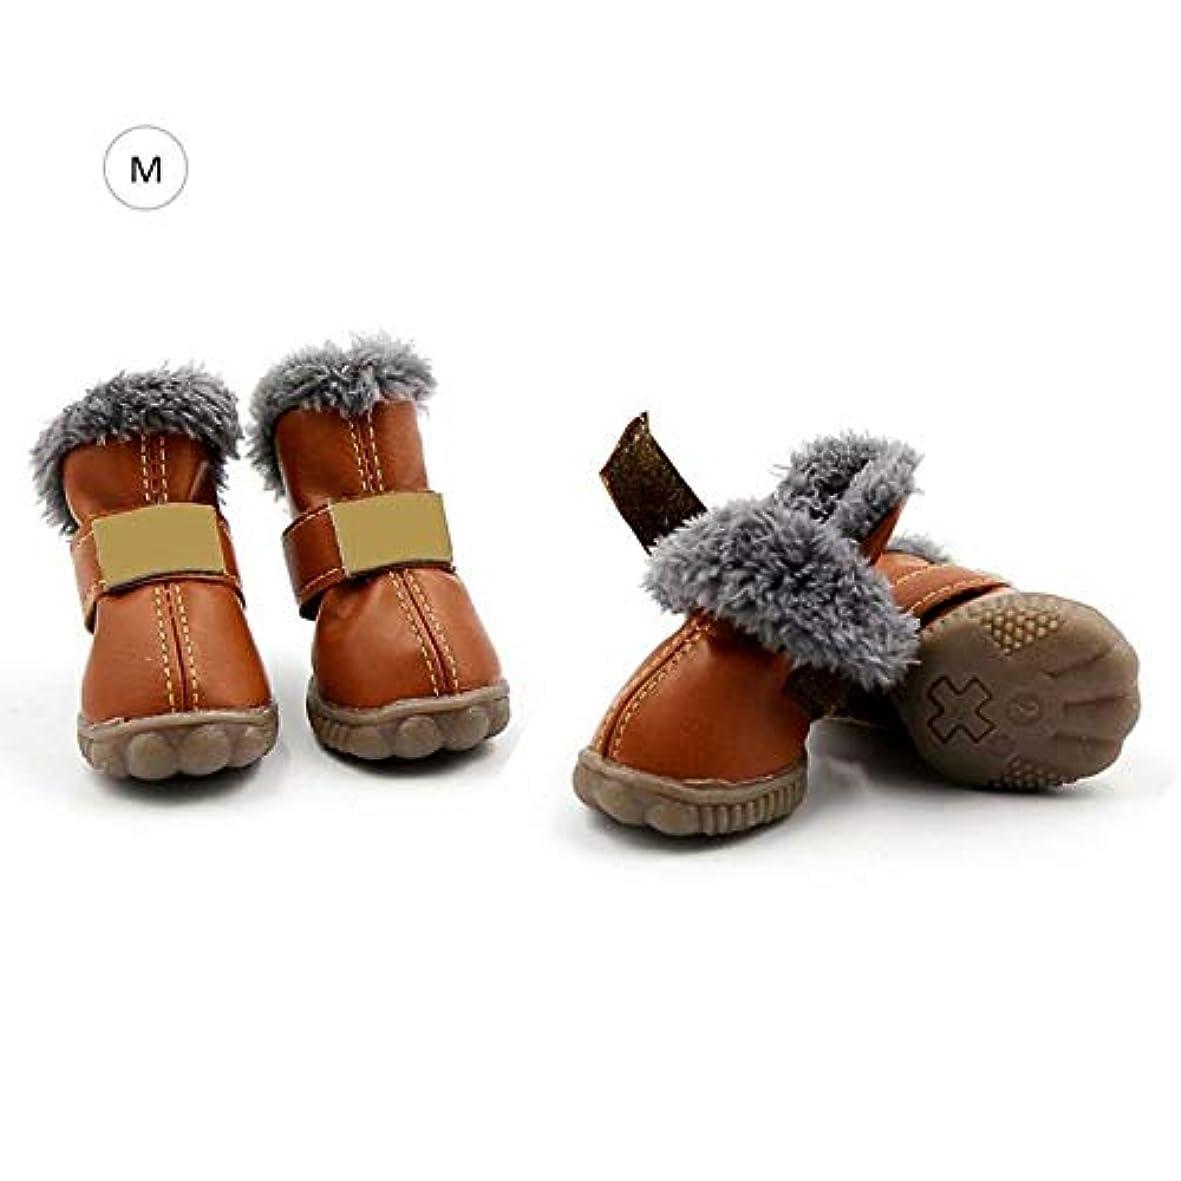 立方体切り刻む矛盾するFidgetGear ペット犬防水靴子犬秋冬滑り止め暖かい4本屋外ブーツ アーミーグリーン